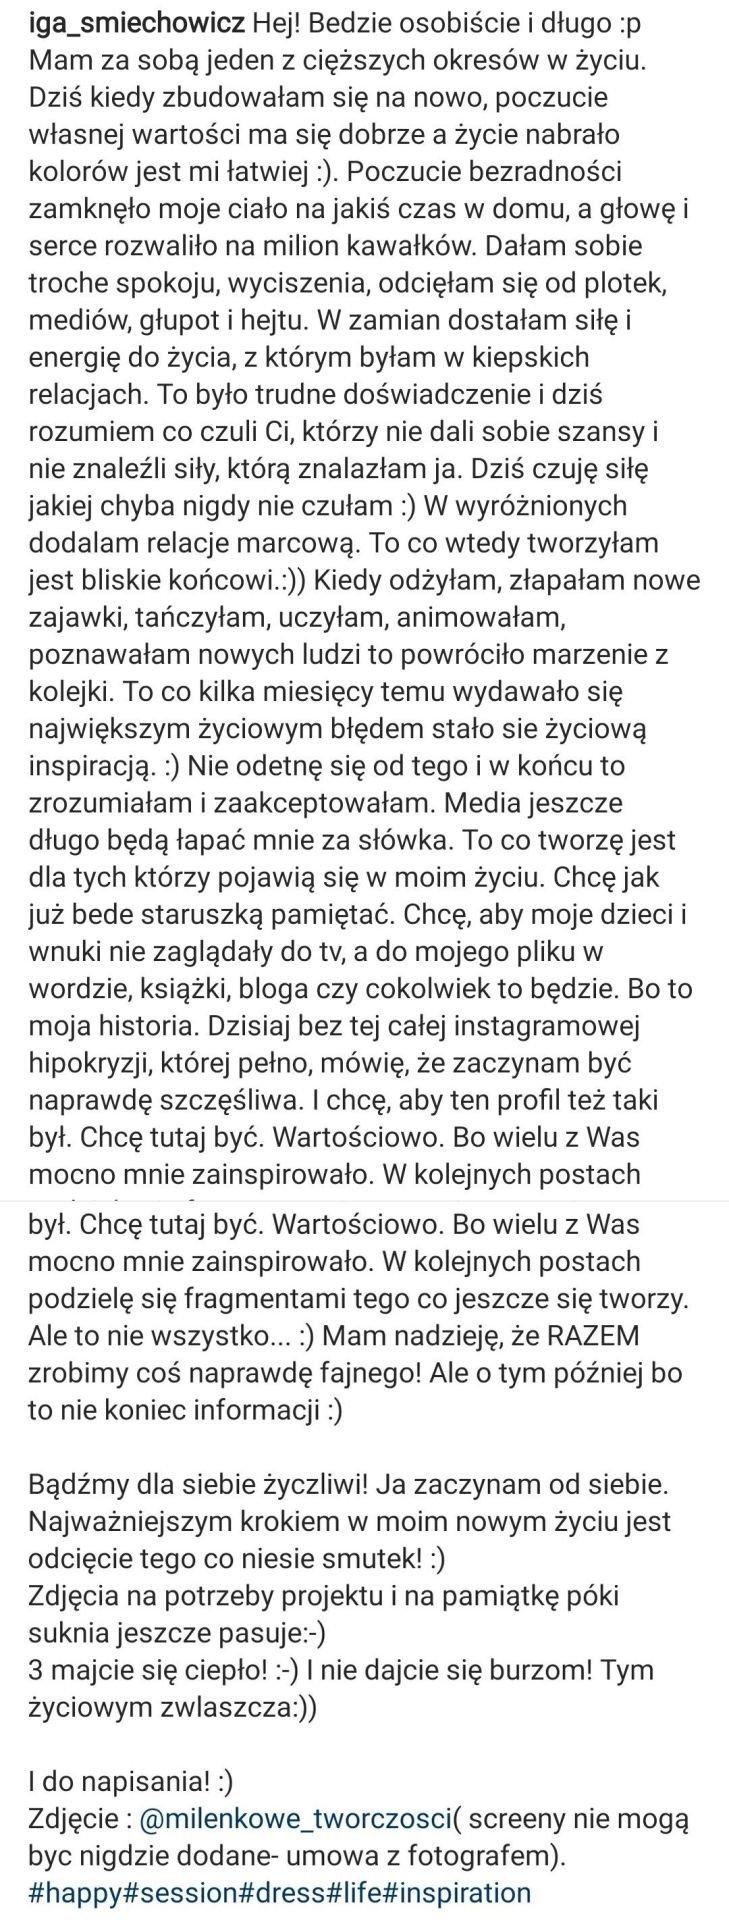 Iga Śmiechowicz